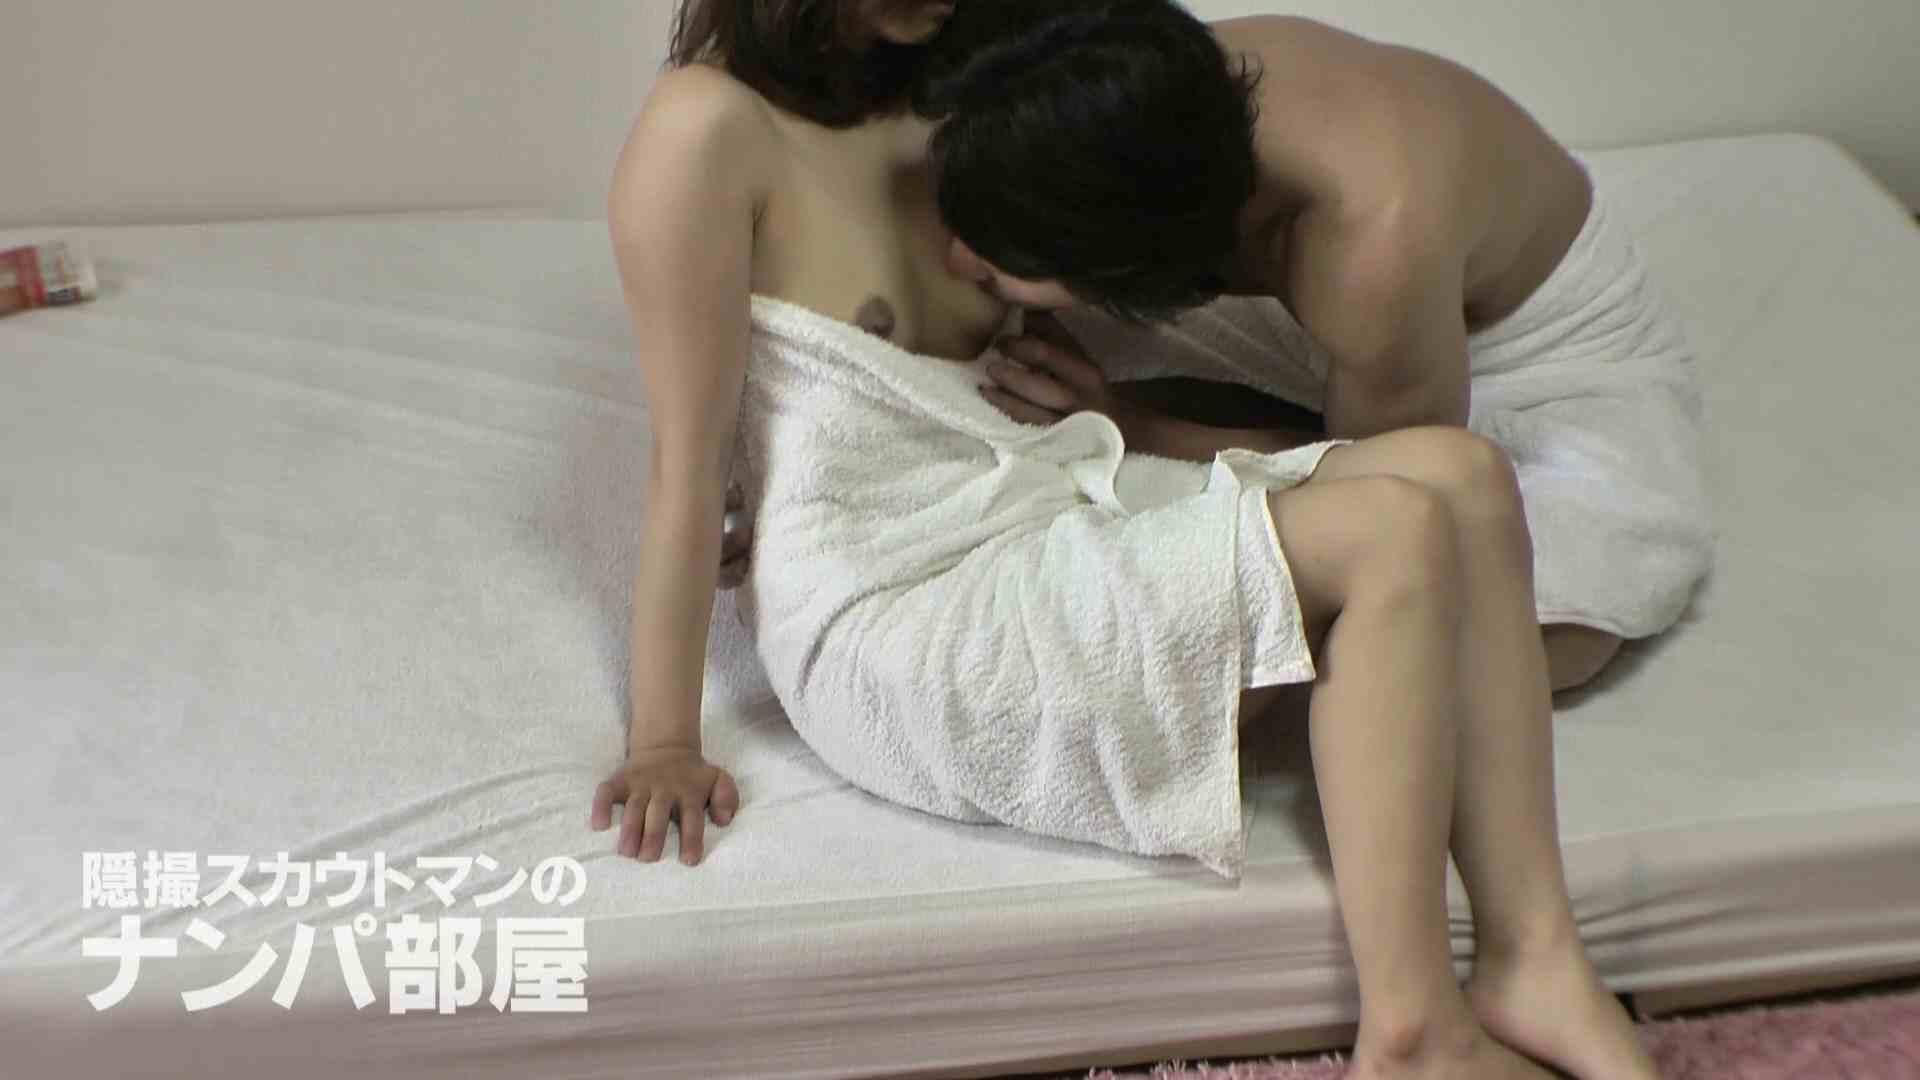 隠撮スカウトマンのナンパ部屋~風俗デビュー前のつまみ食い~ sii 0   0  104画像 68